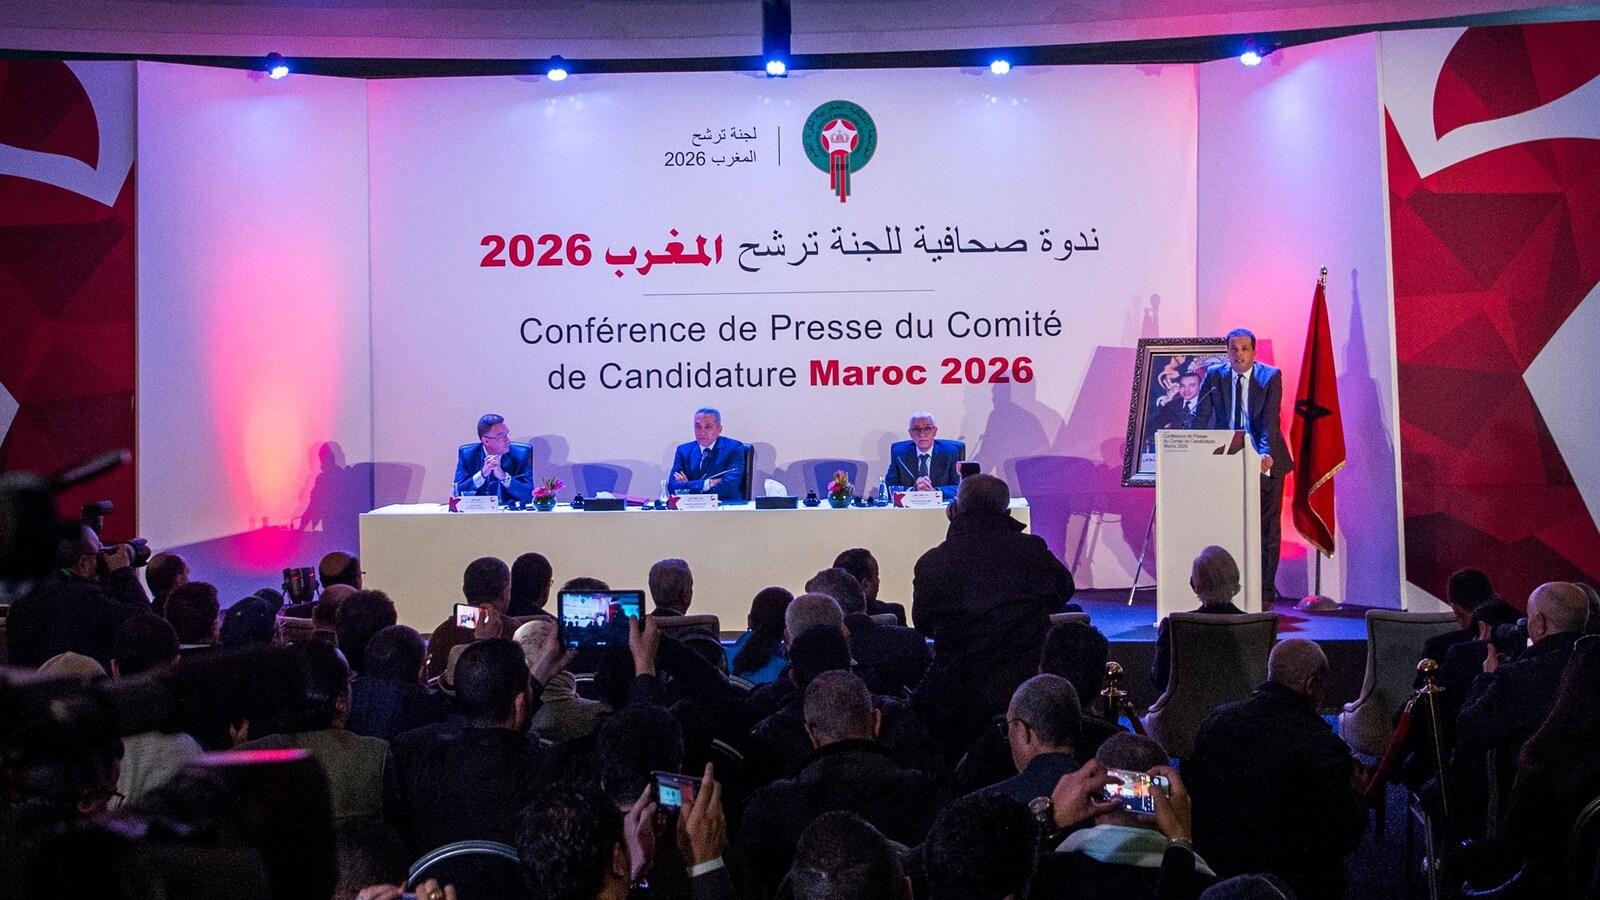 La conférence de presse du comité de candidature à l'organisation de la Coupe du monde de 2026